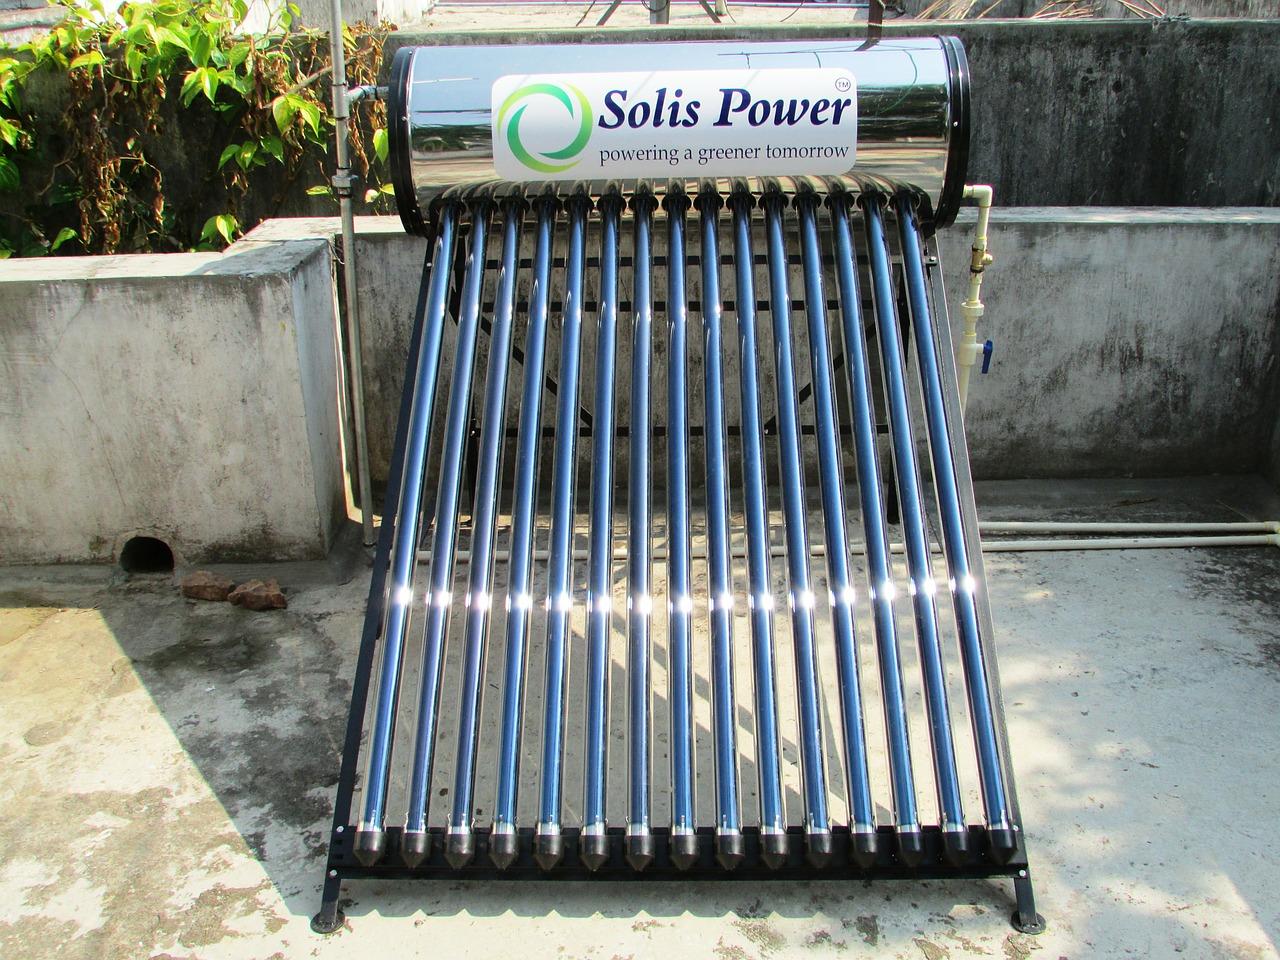 calentadores solares en España